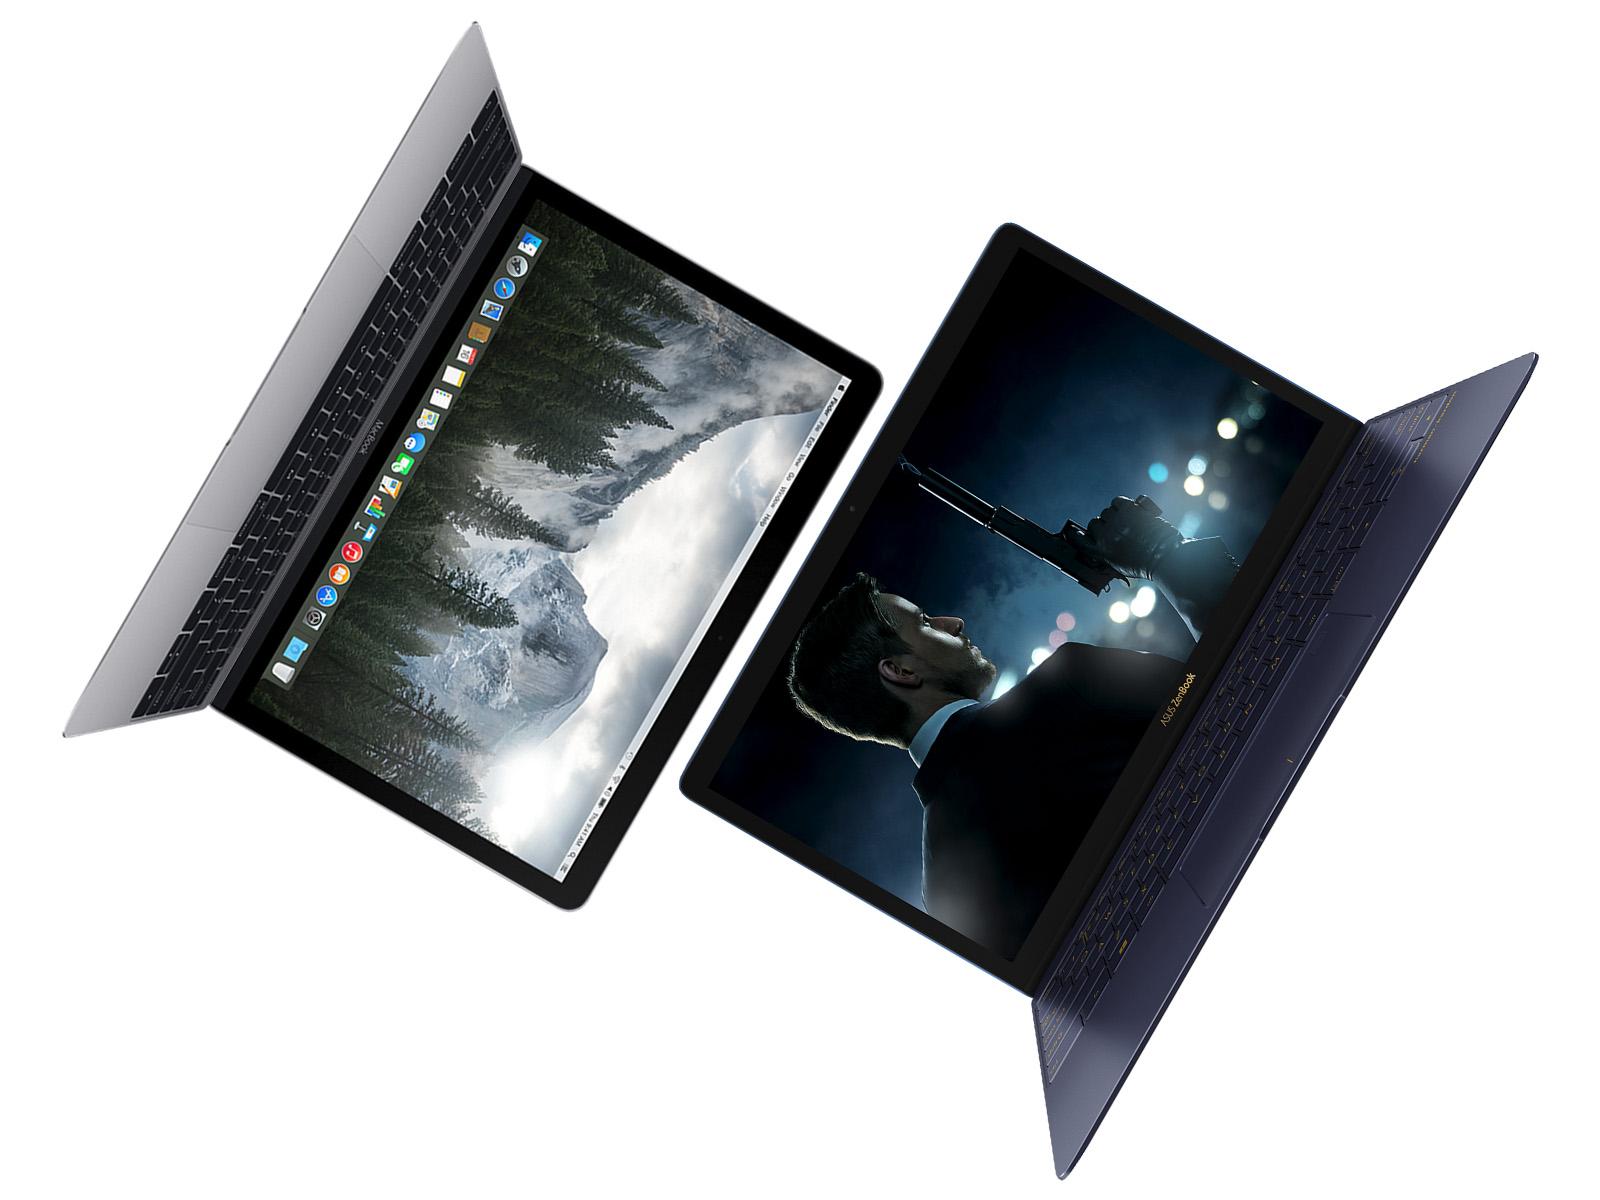 MacBook vs ZenBook 3